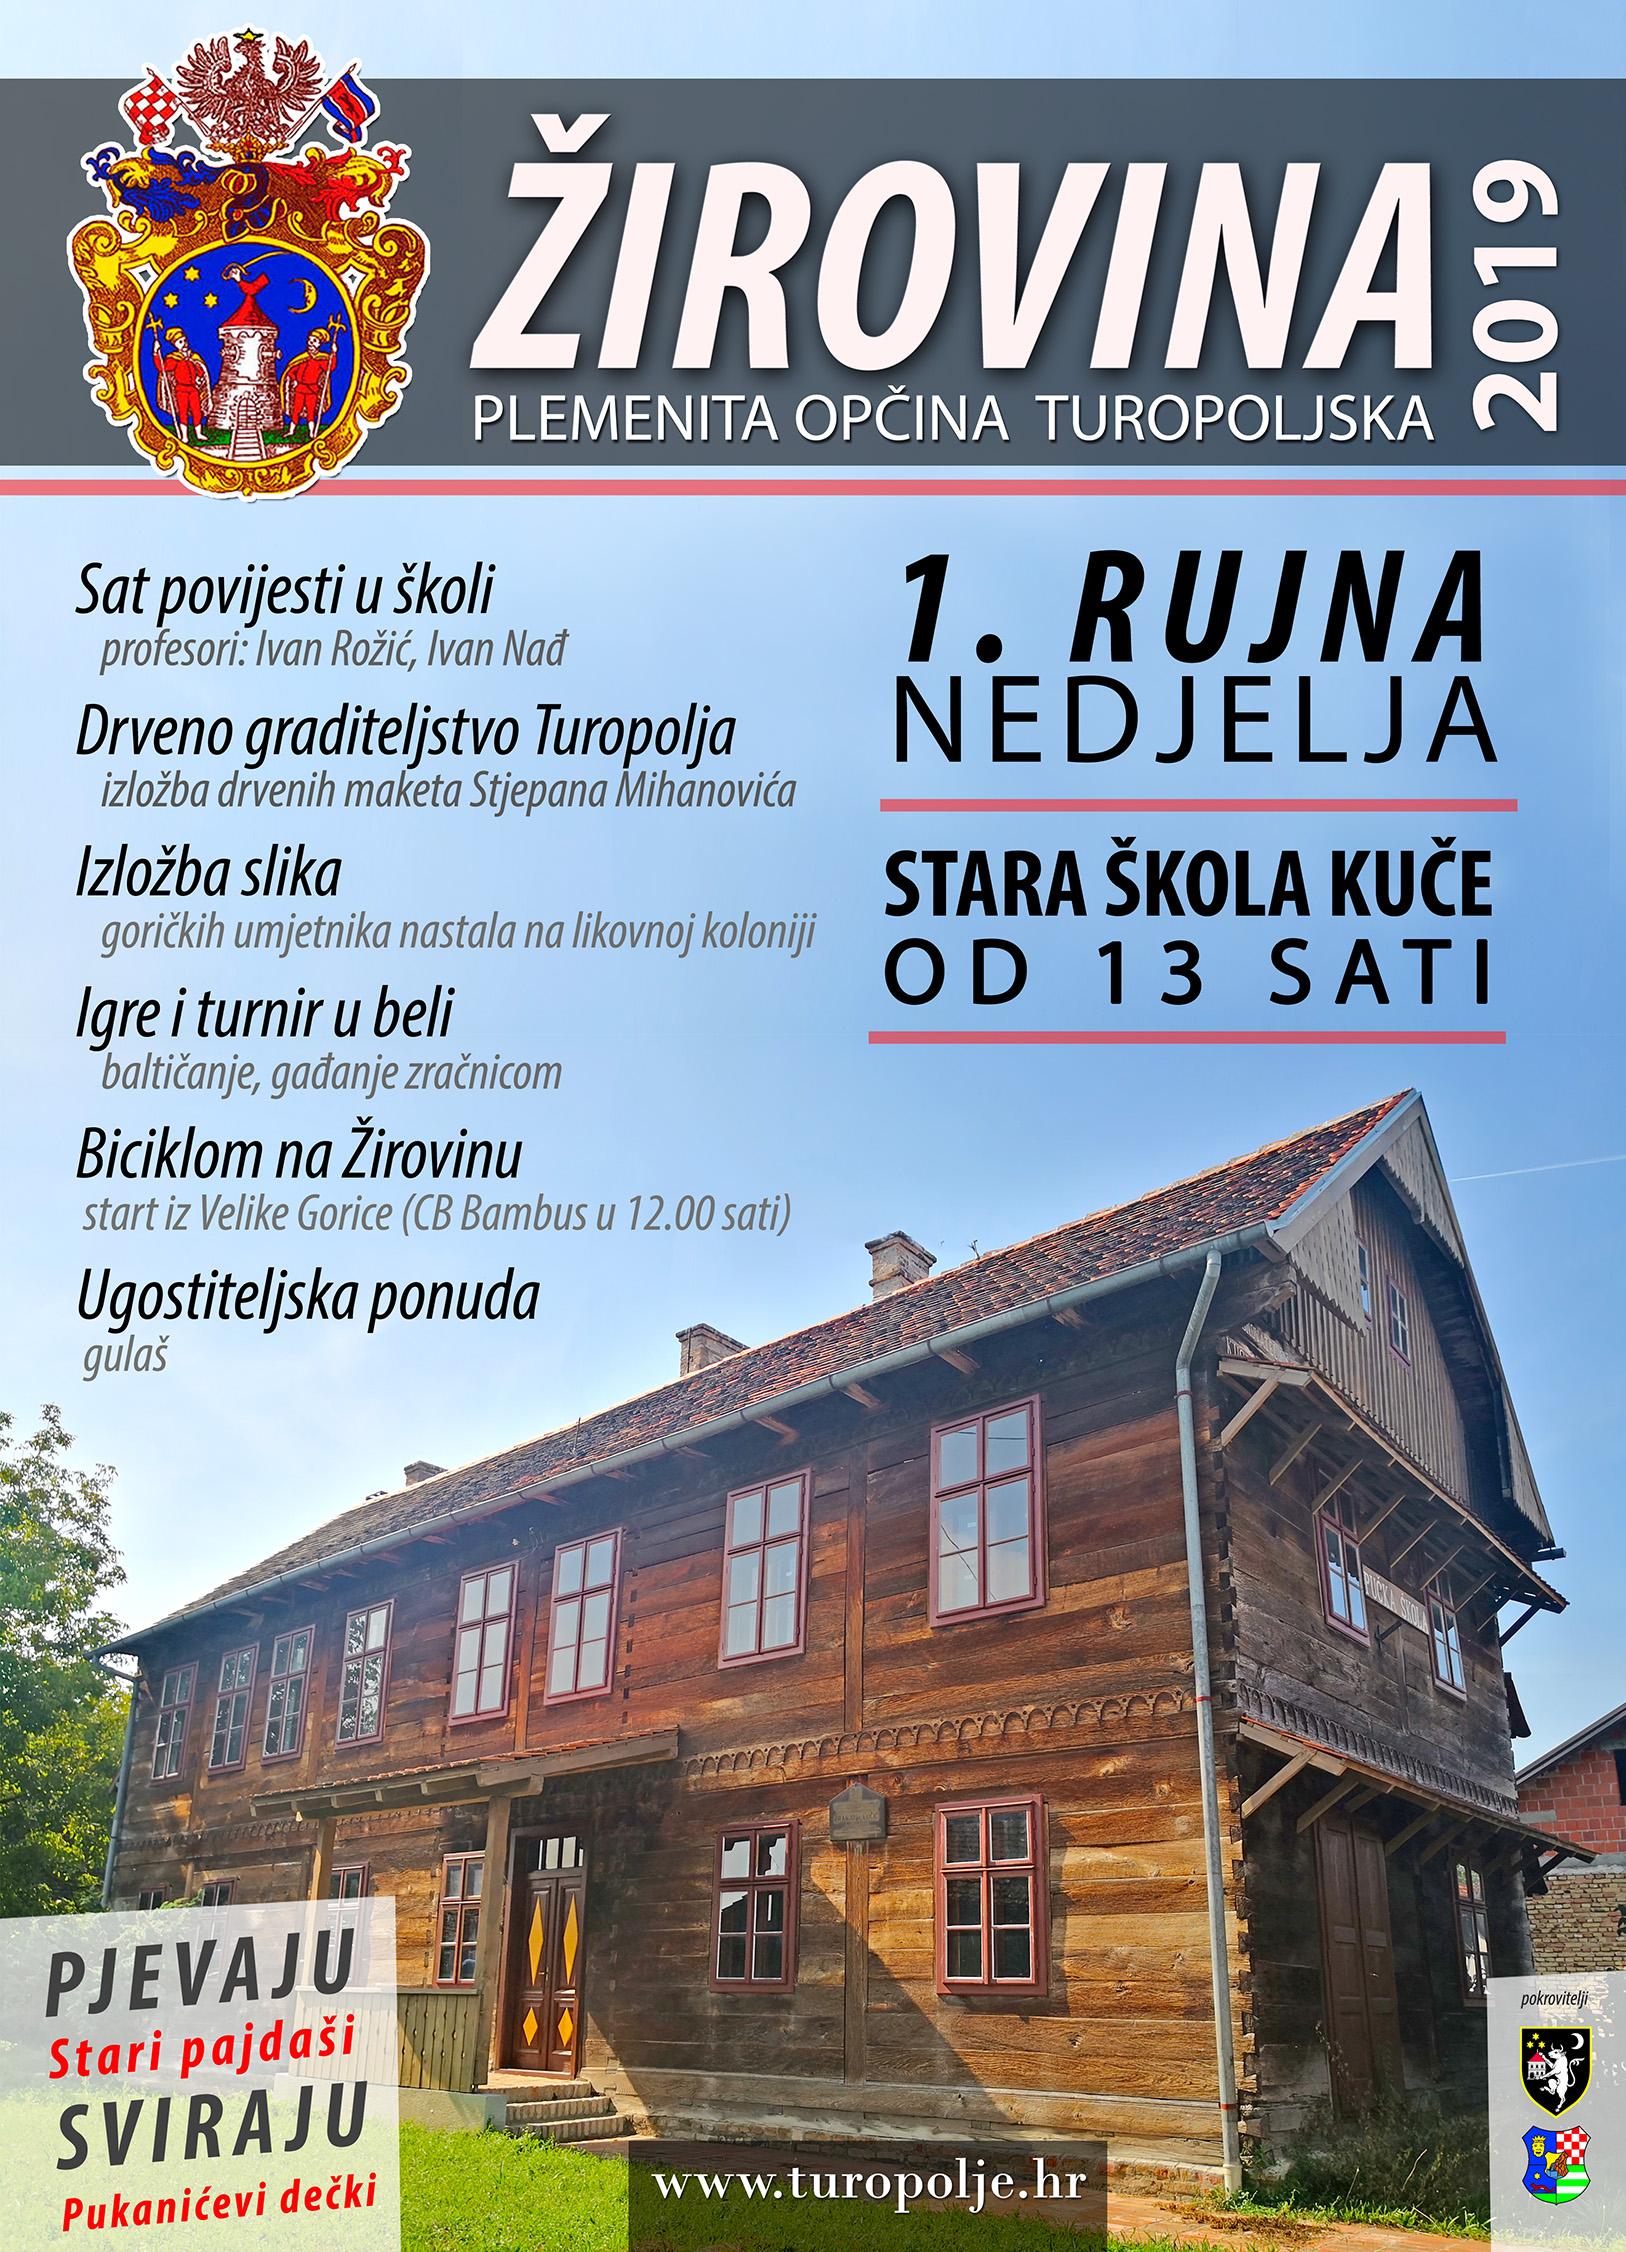 Žirovina u Kučama uz sat povijesti, izložbe drvenih maketa i slika, igre, 'baltičanje'…